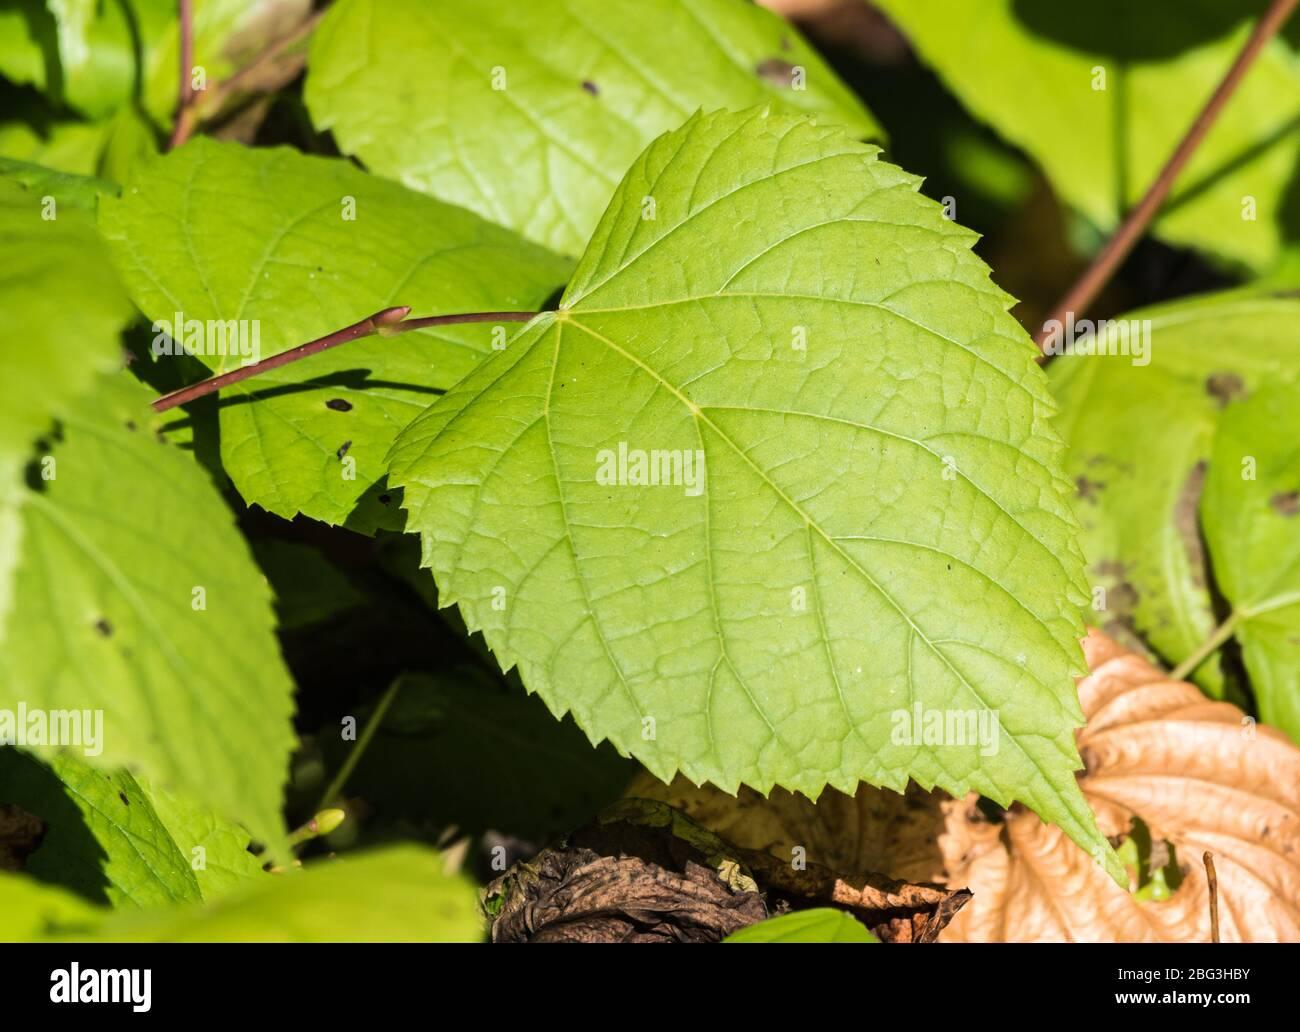 Feuille serrate. Gros plan d'une feuille verte avec bord dentelé. Marges de lame dentelées. Marge de feuilles dentelées. Banque D'Images